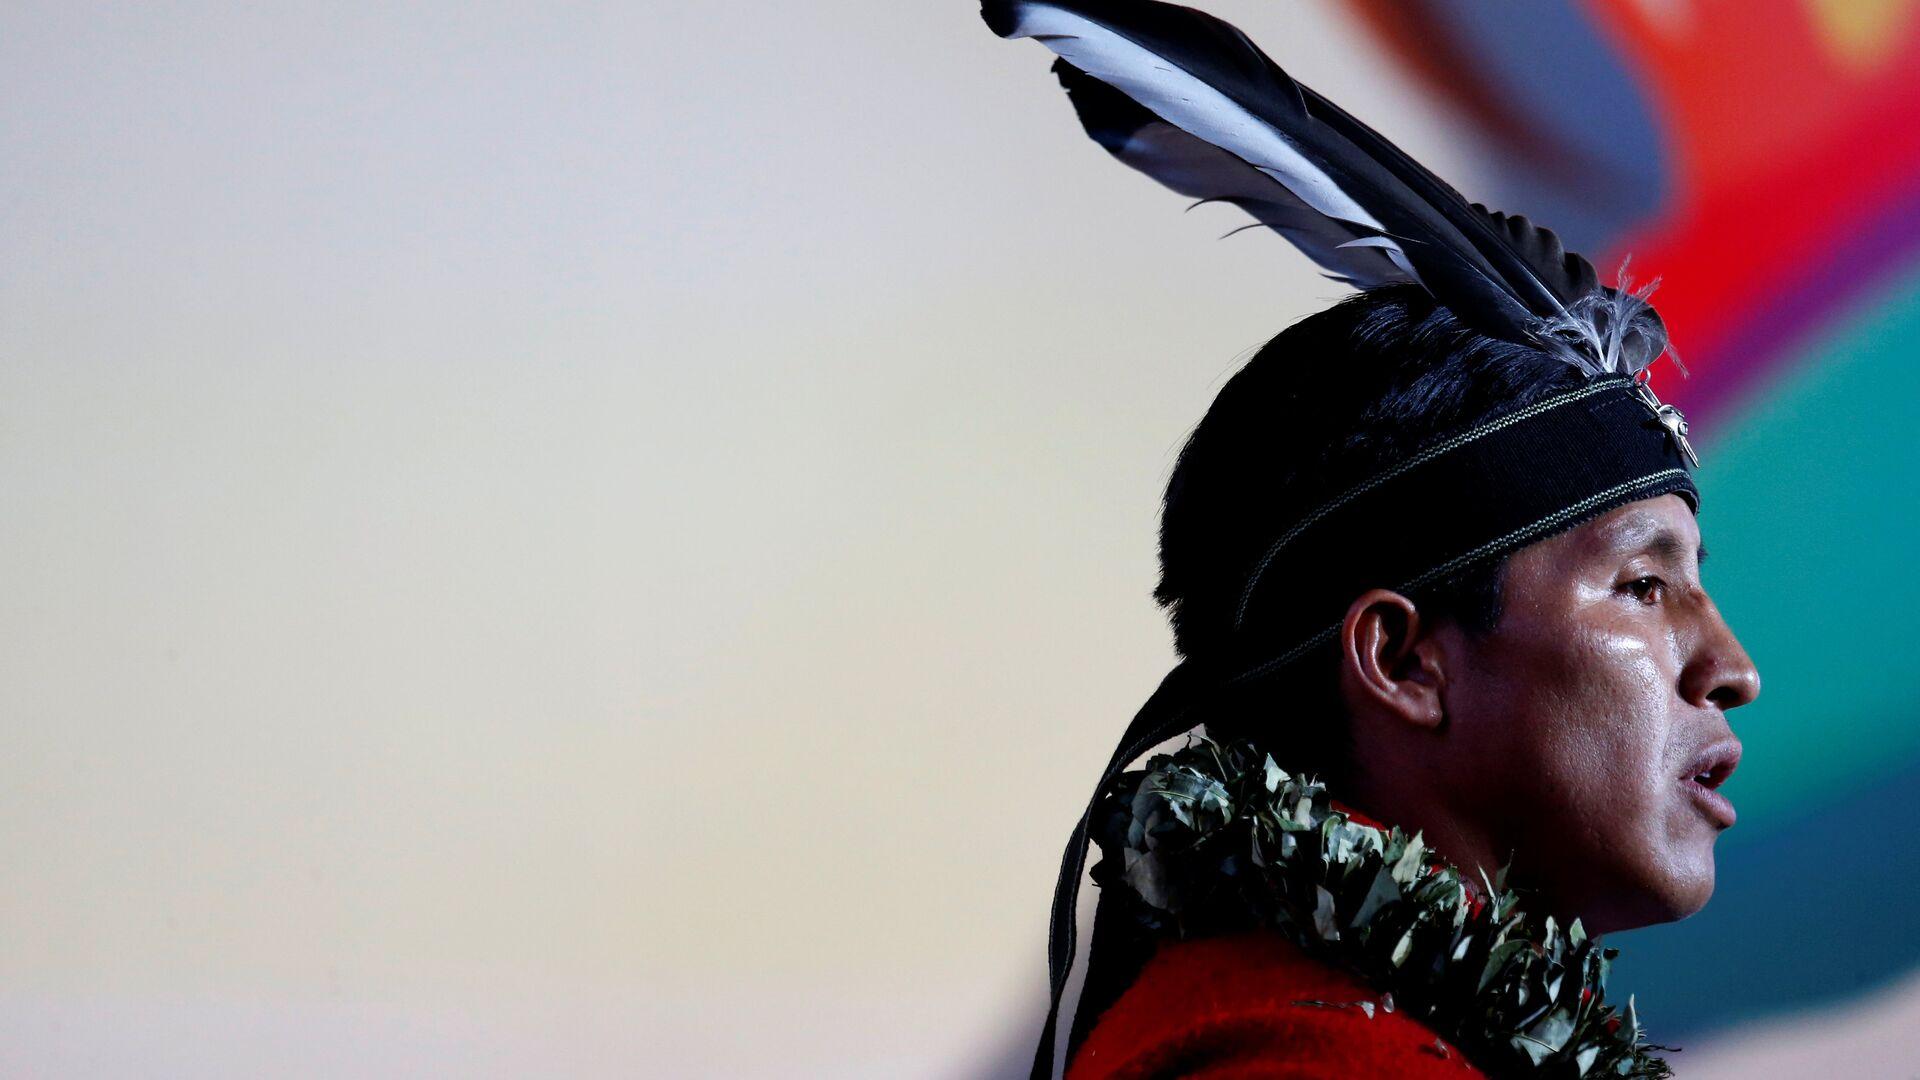 Un hombre indígena de Ecuador (imagen referencial) - Sputnik Mundo, 1920, 21.09.2021